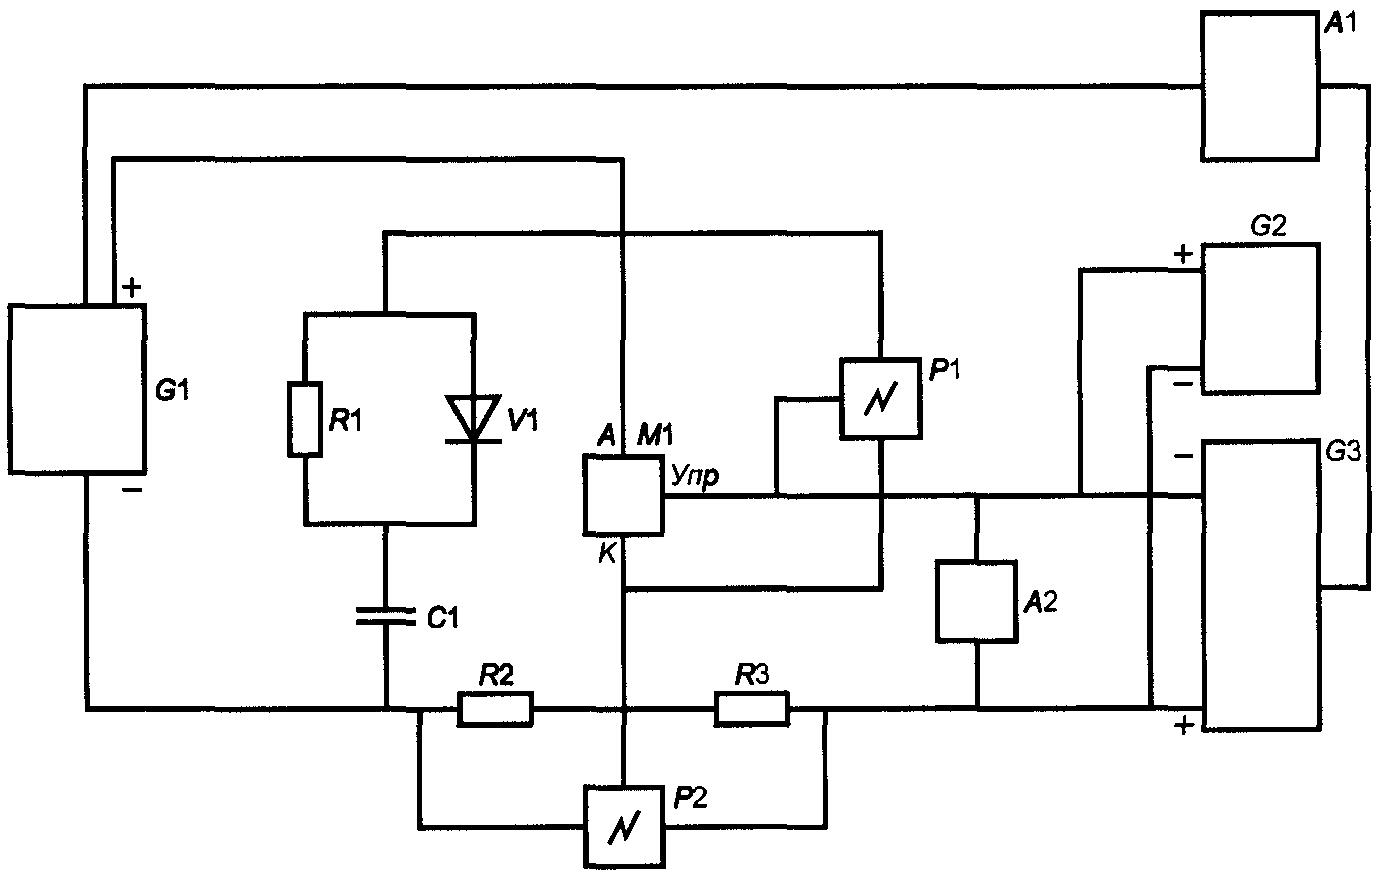 синхронизирующее устройство подачи. источник импульсов тока. источник отпирающего импульсного тока управления...